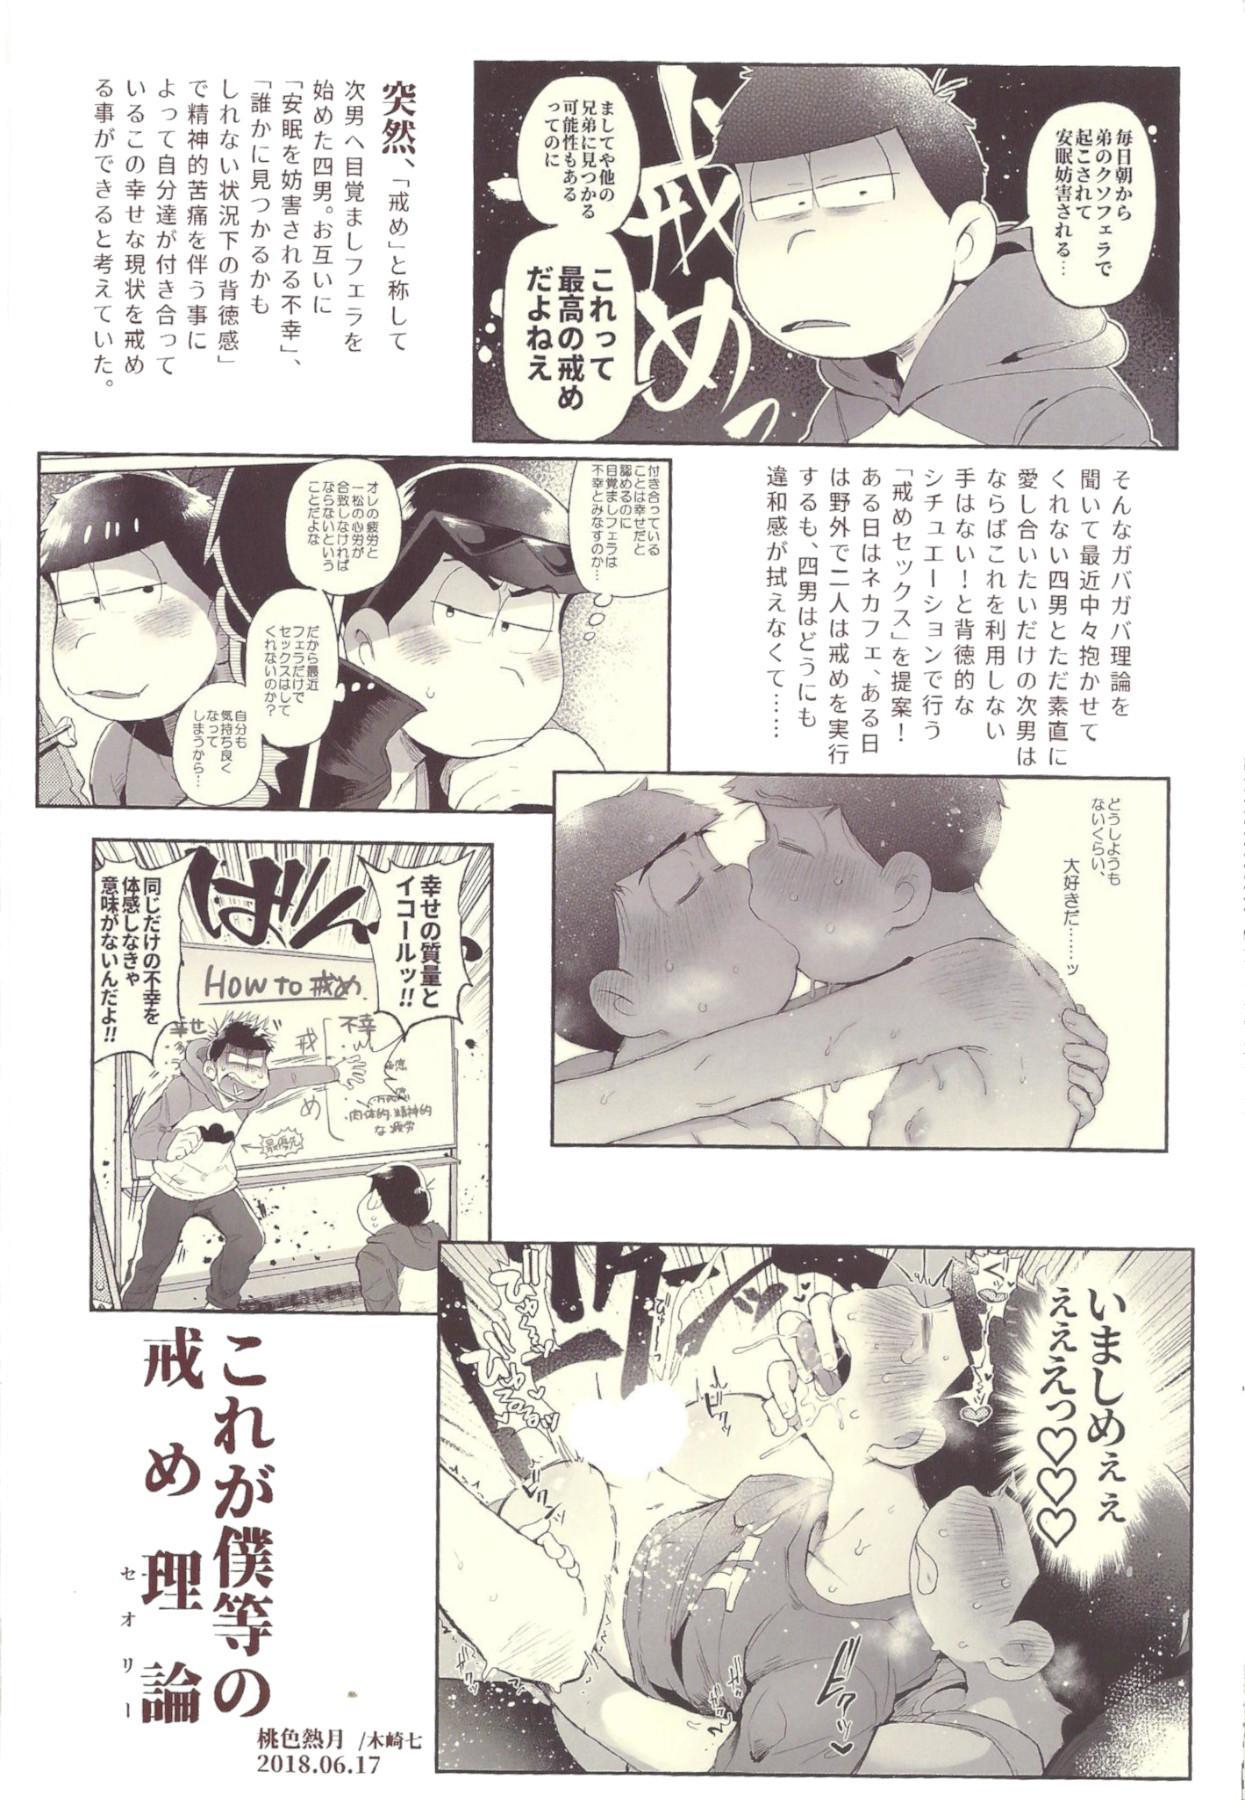 Kore ga Bokura no Imashime Riron 44